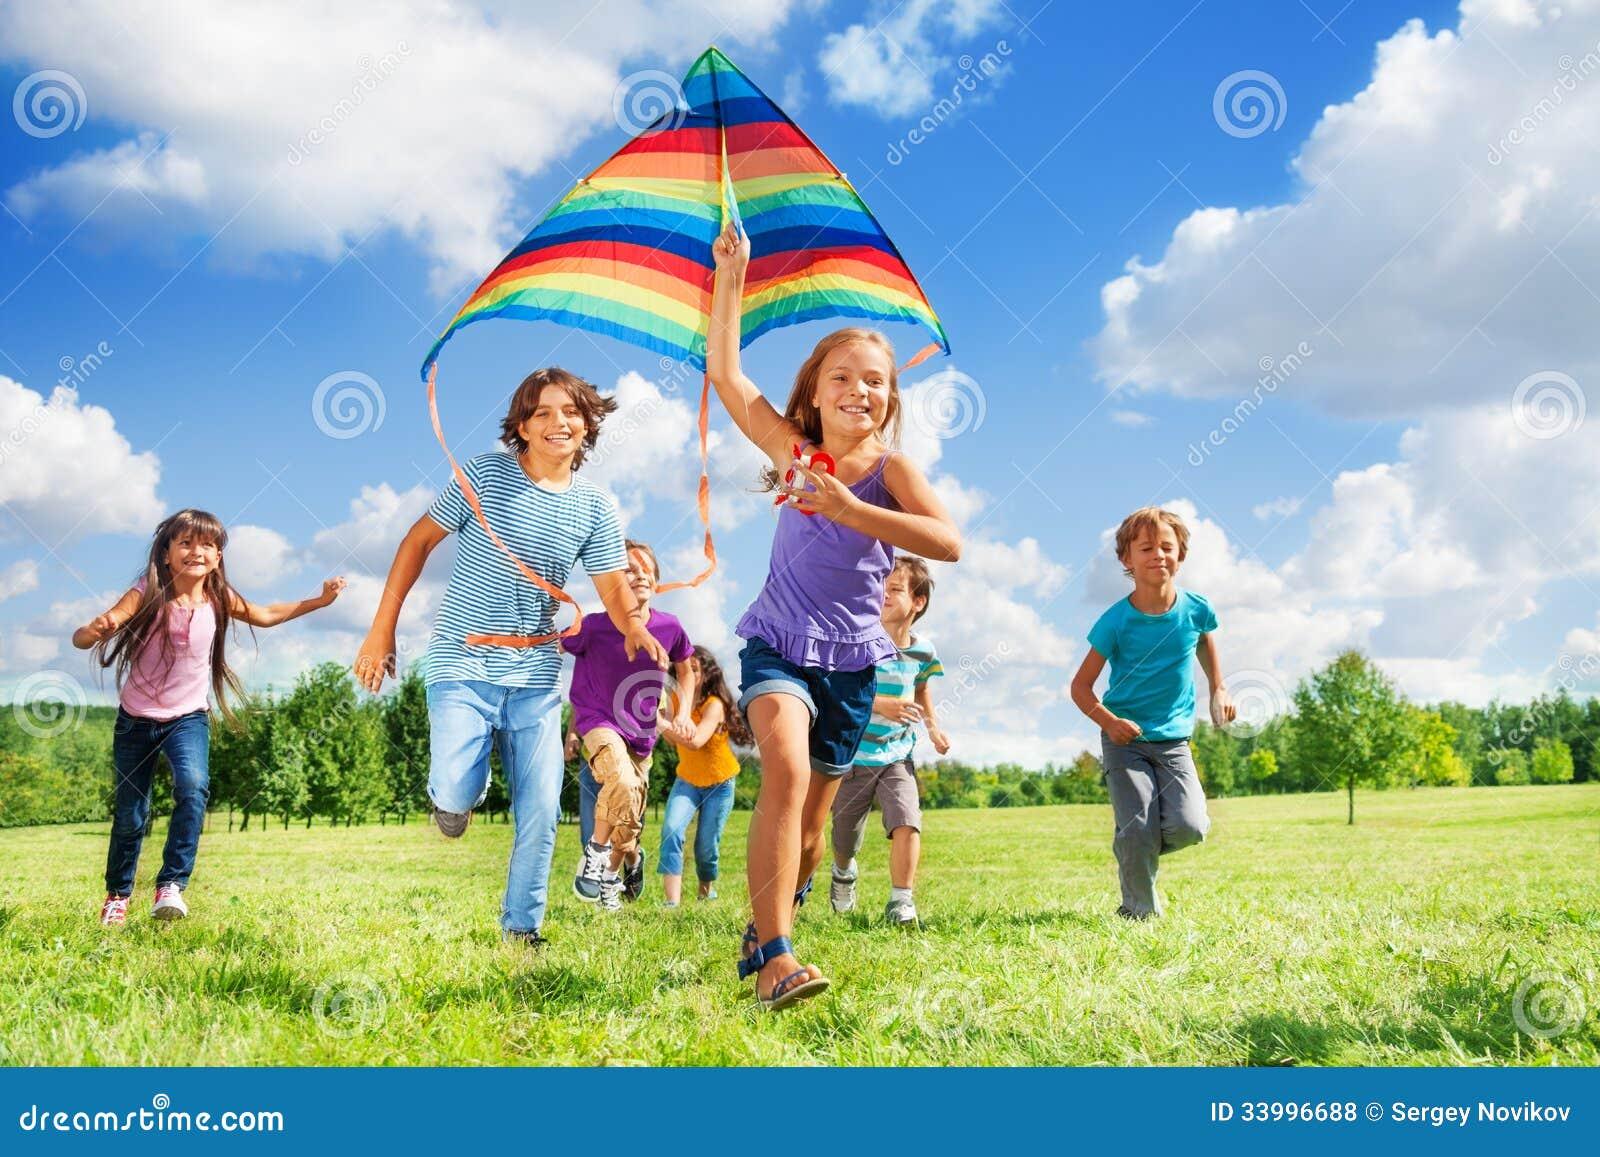 Viele Activekinder mit Drachen